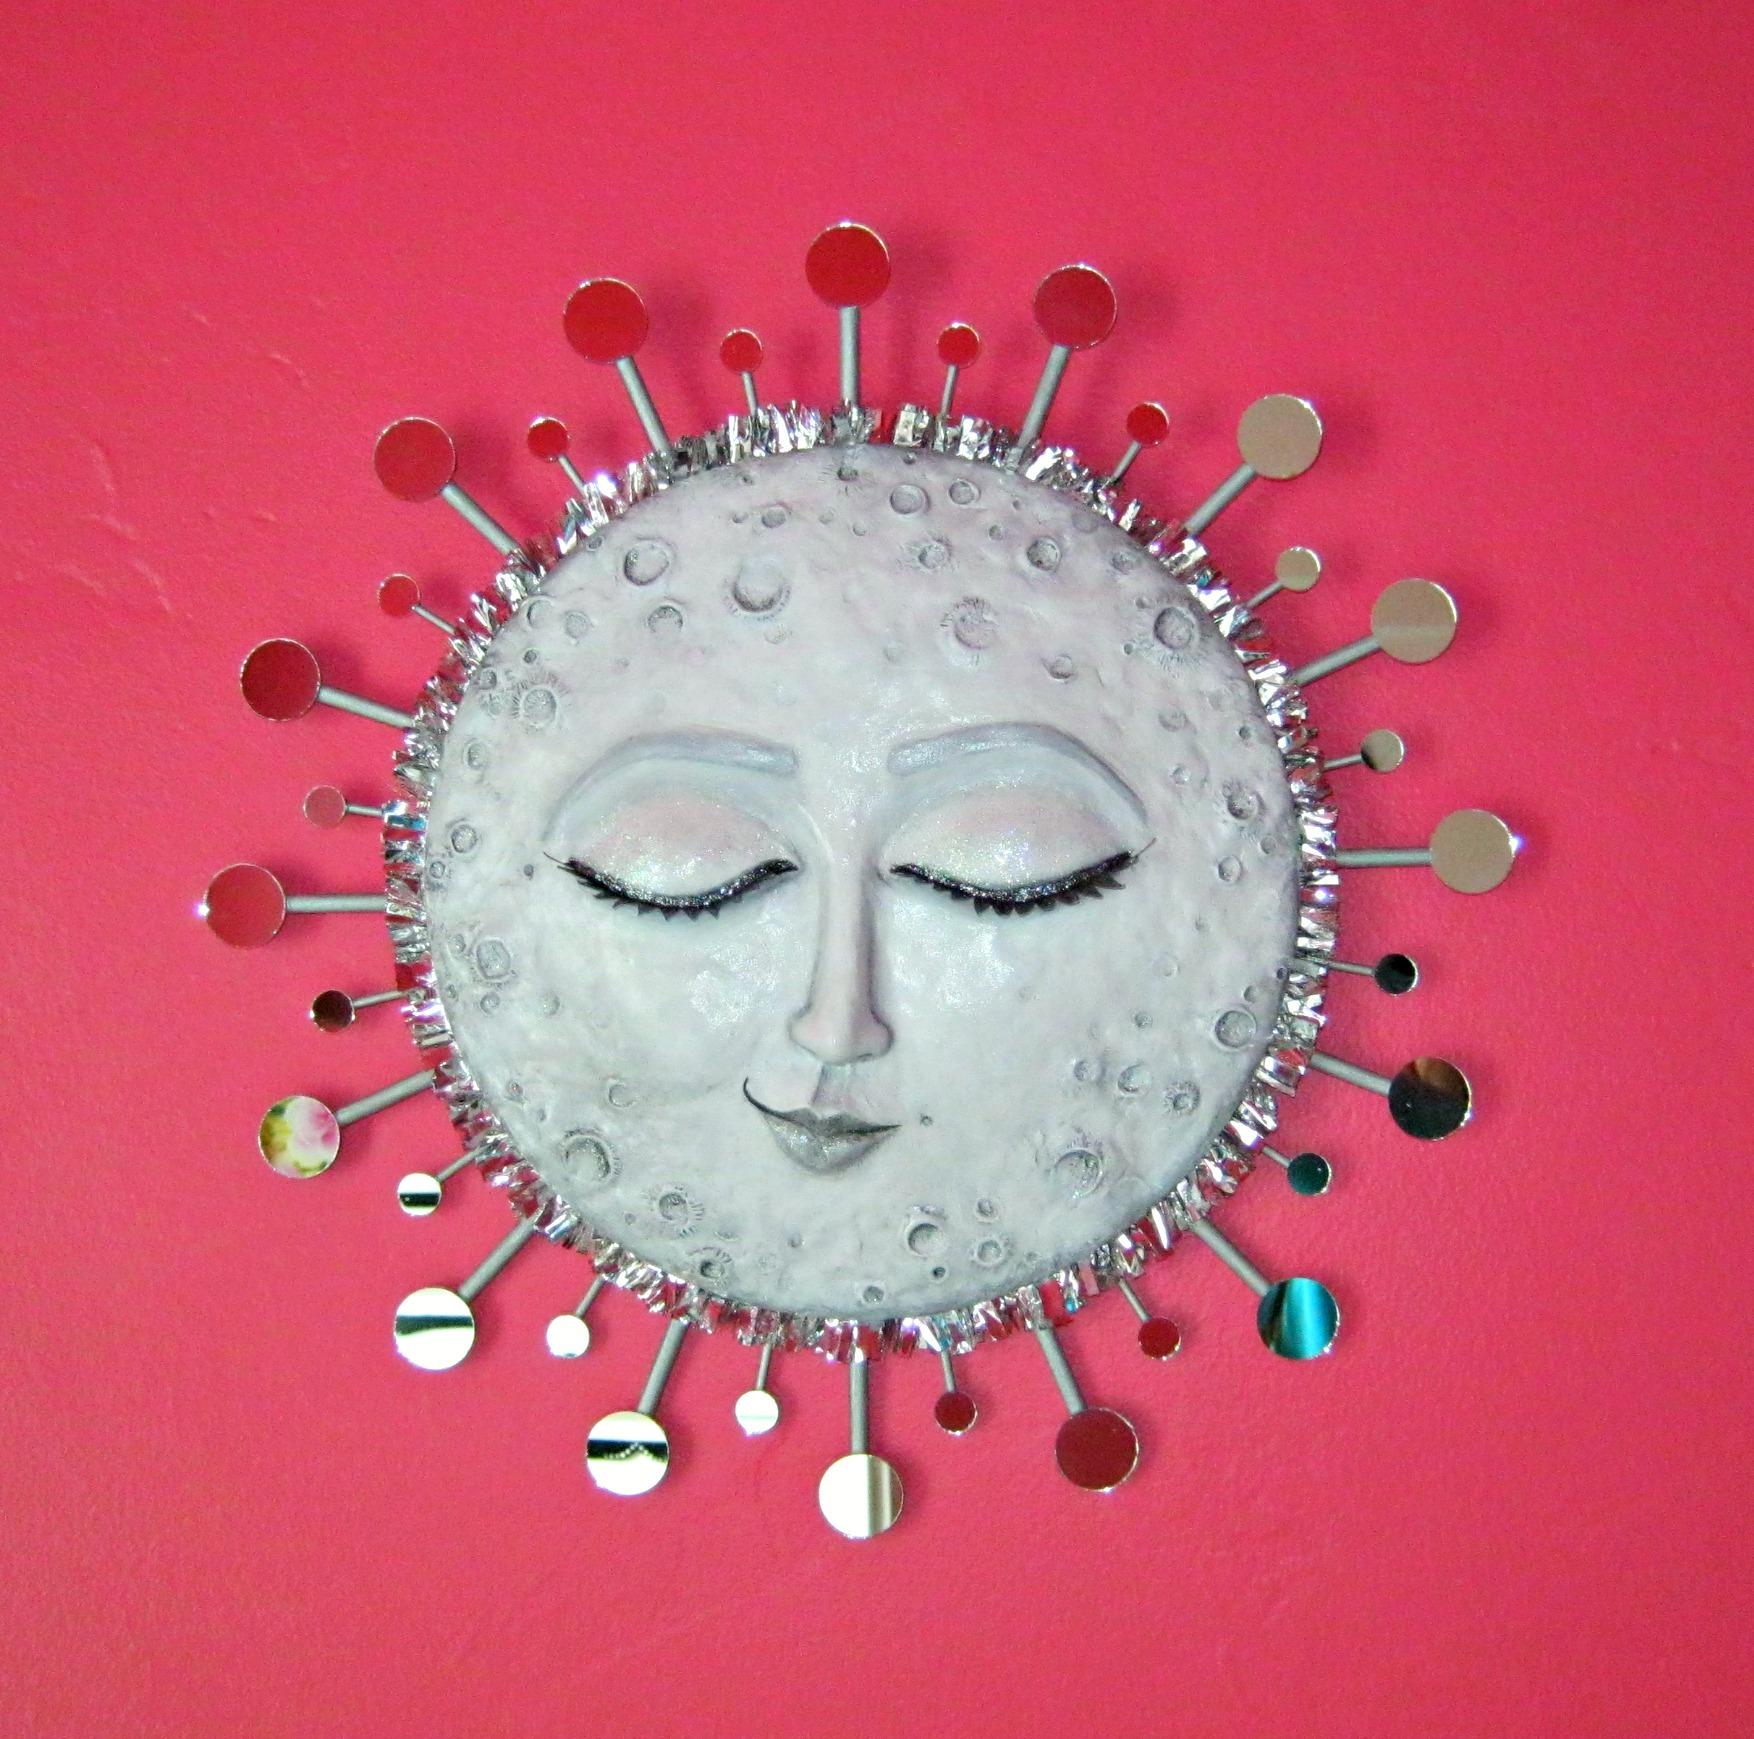 paperclay moon10 & Sleepy Moon wall art paper clay tutorial | Lynda Makara